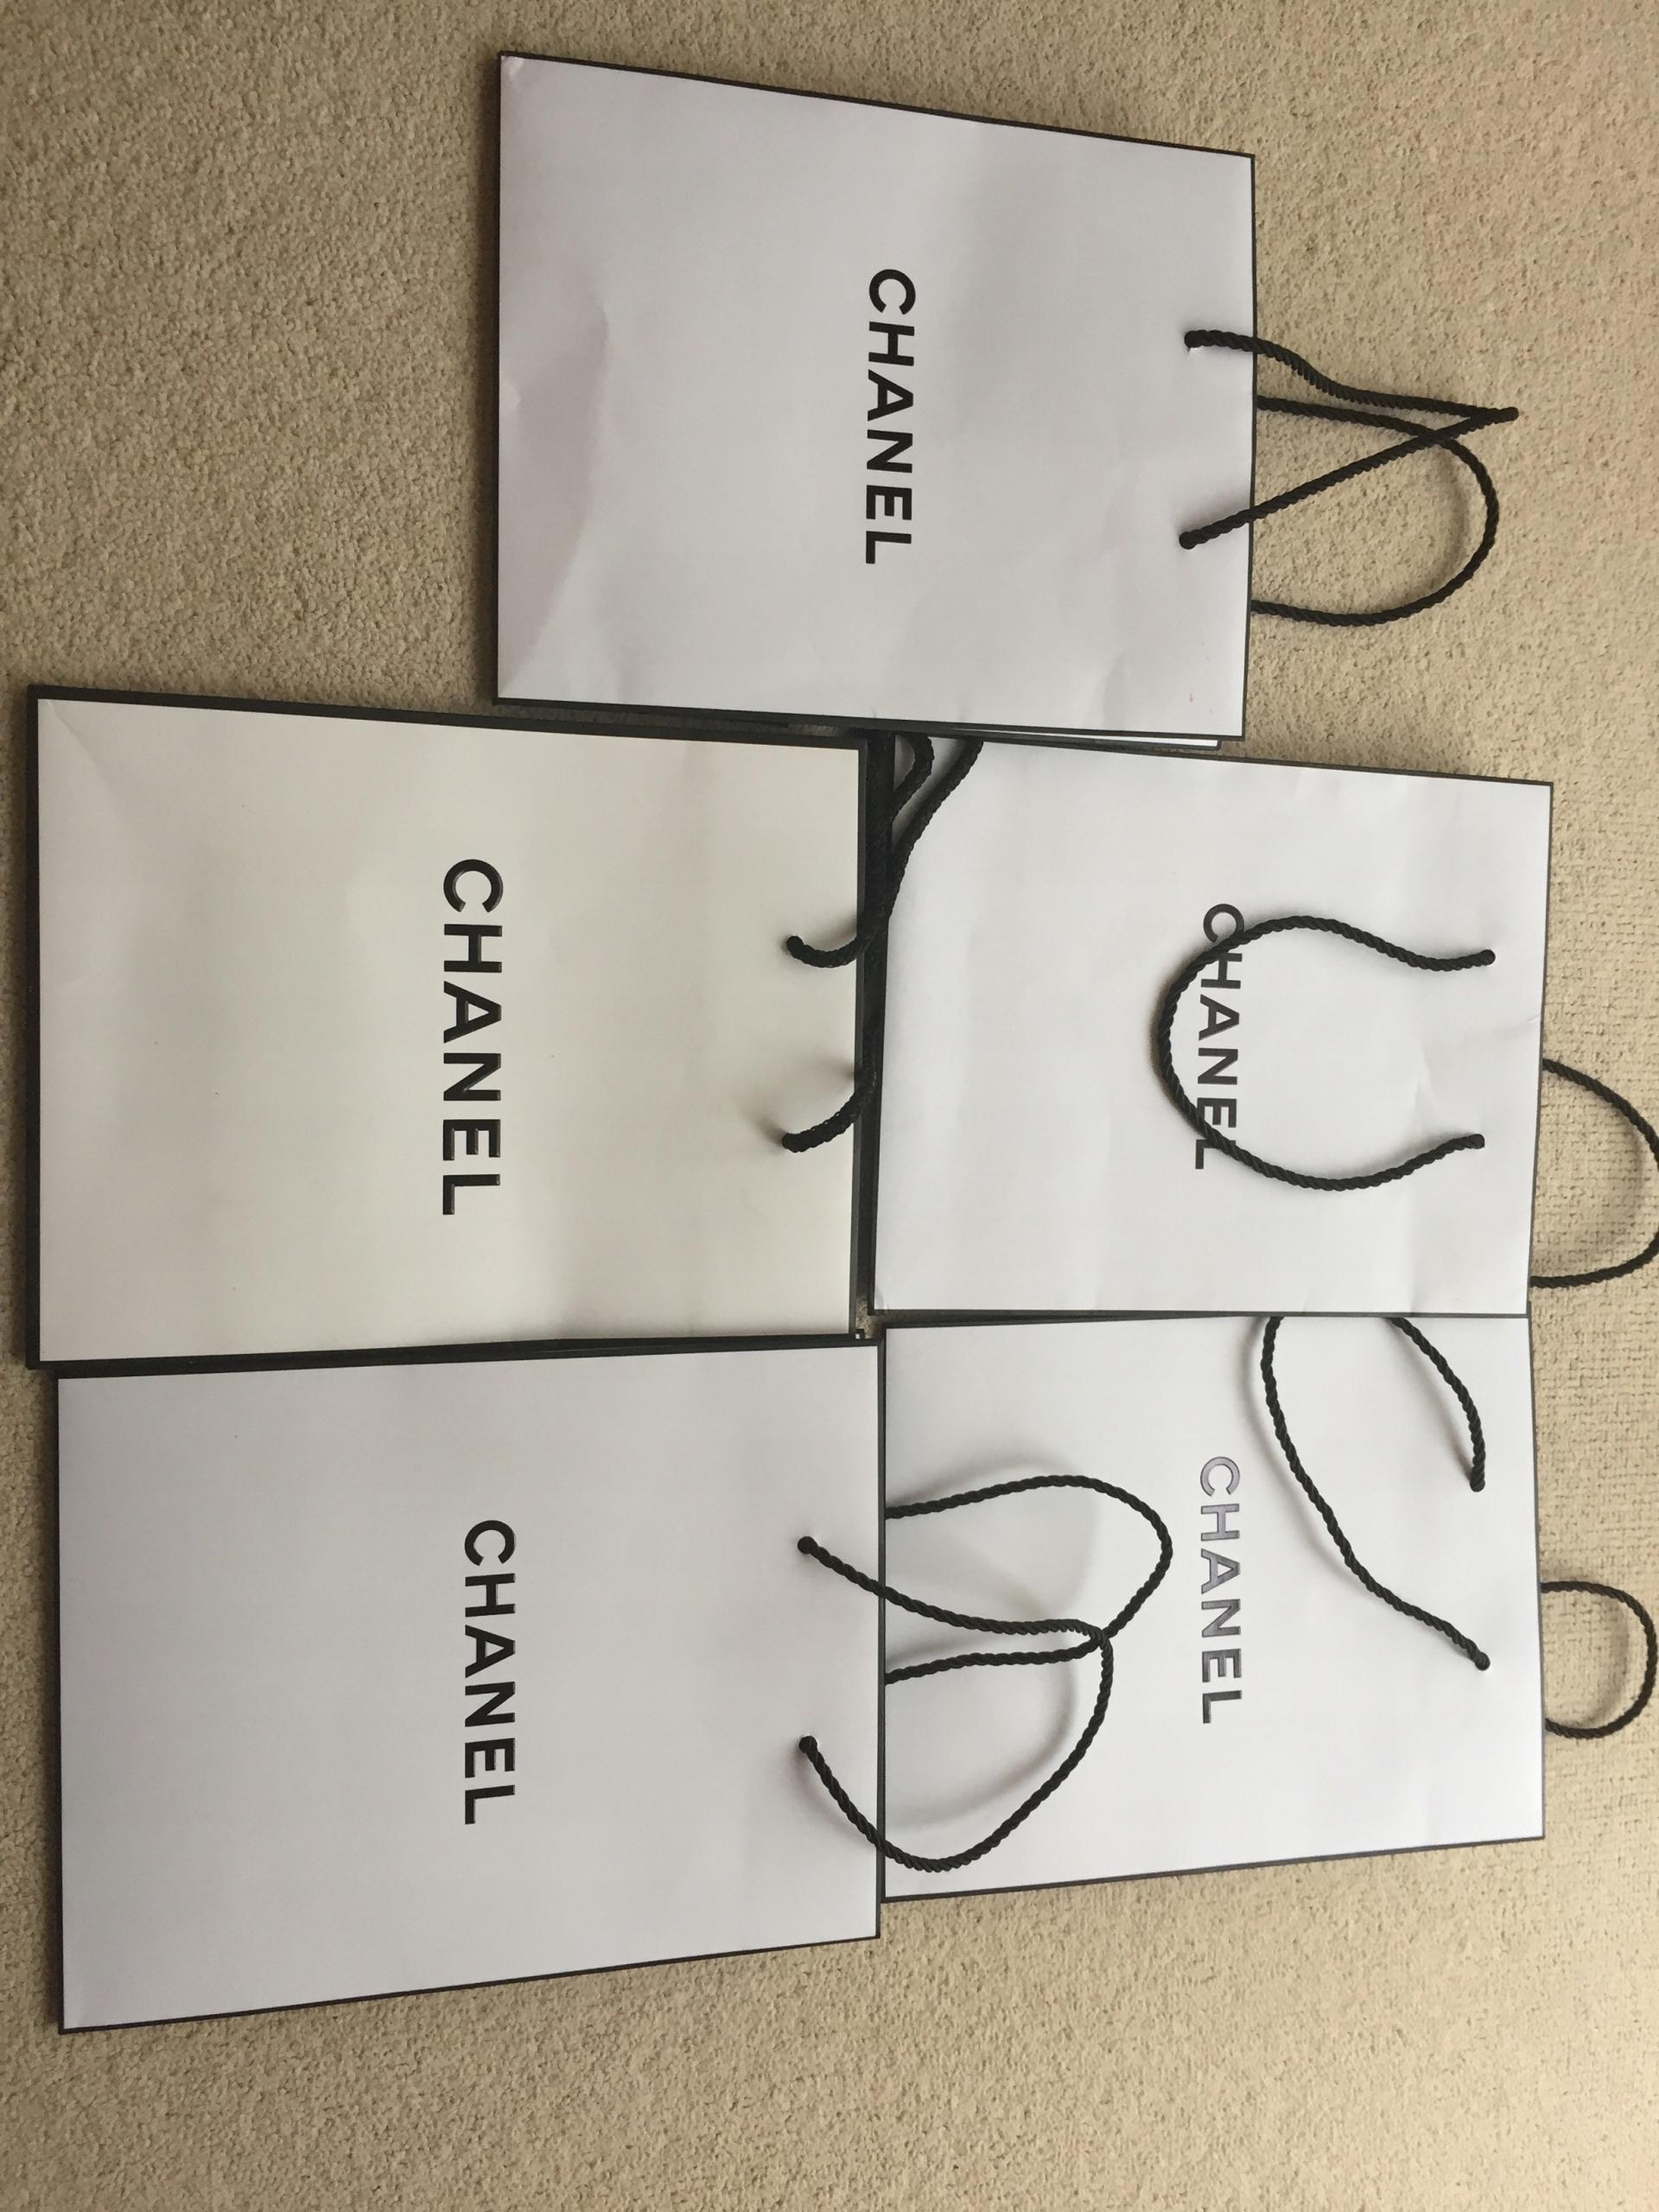 9c91937196771 Chanel oryginalna mała torebka prezentowa biała, - 7567660791 ...